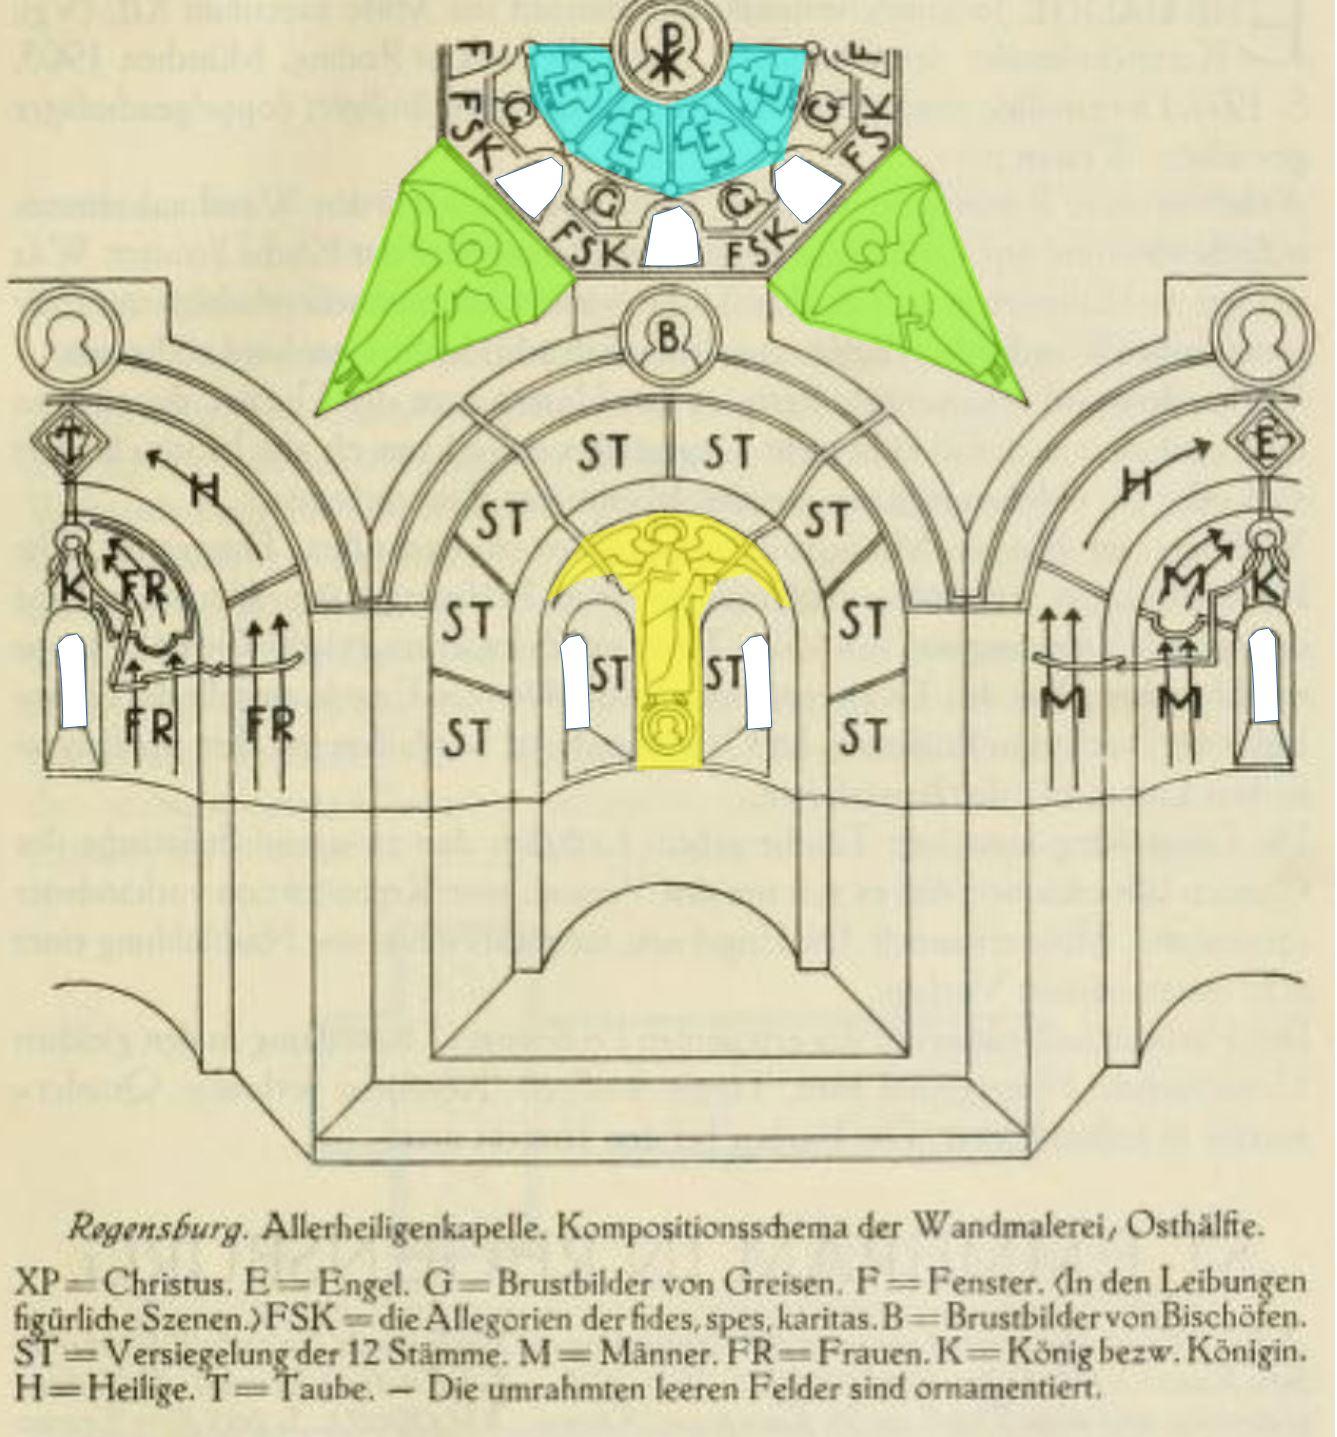 Hans Karlinger, 1921 Die hochromanische Wandmalerei in Regensburg p 19